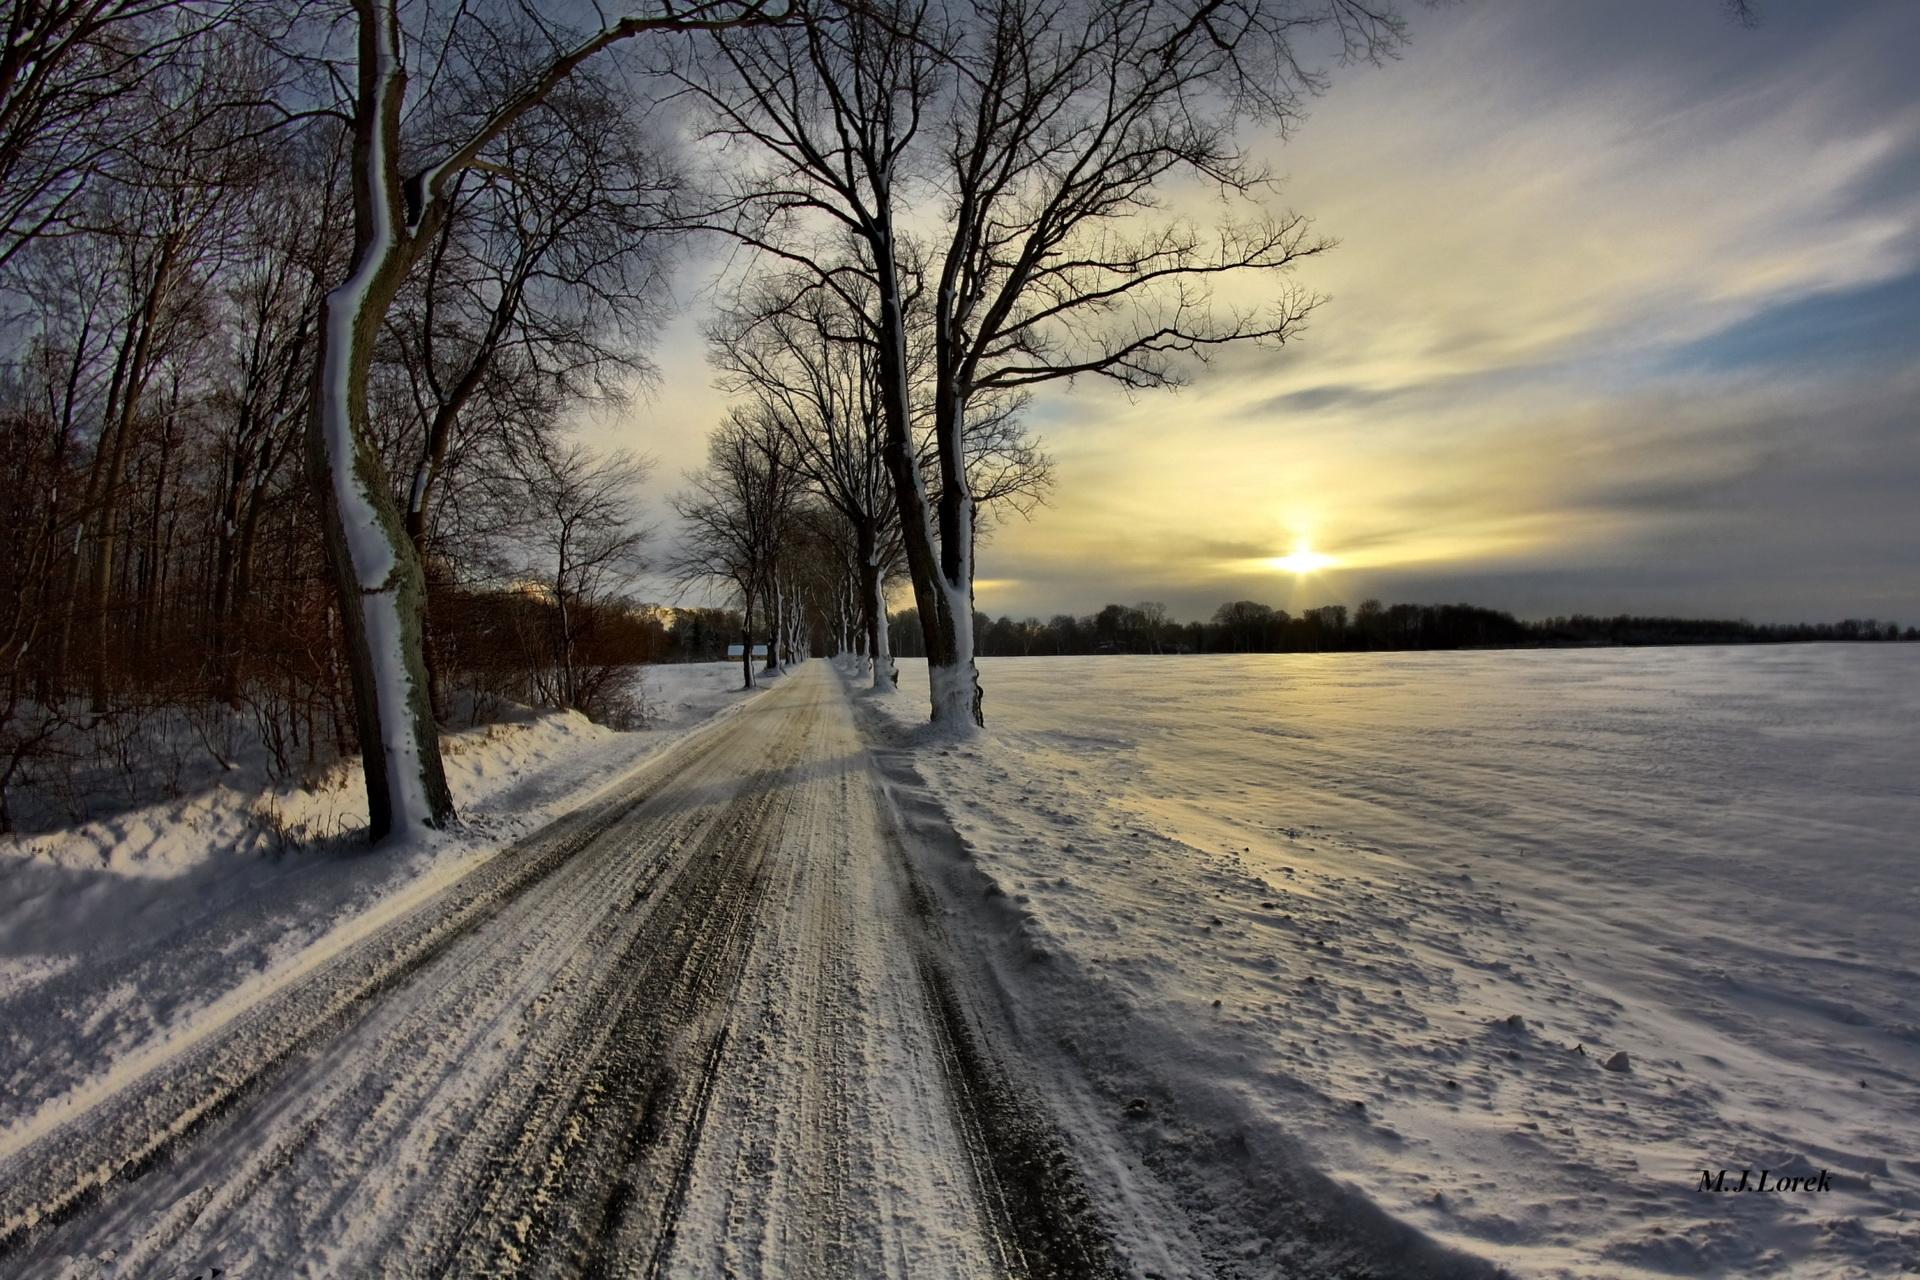 92146 Hintergrundbild herunterladen Winterreifen, Natur, Sky, Sun, Schnee, Straße, Gasse, Wolken, Nast, Präsent, Treten, Beschützer - Bildschirmschoner und Bilder kostenlos